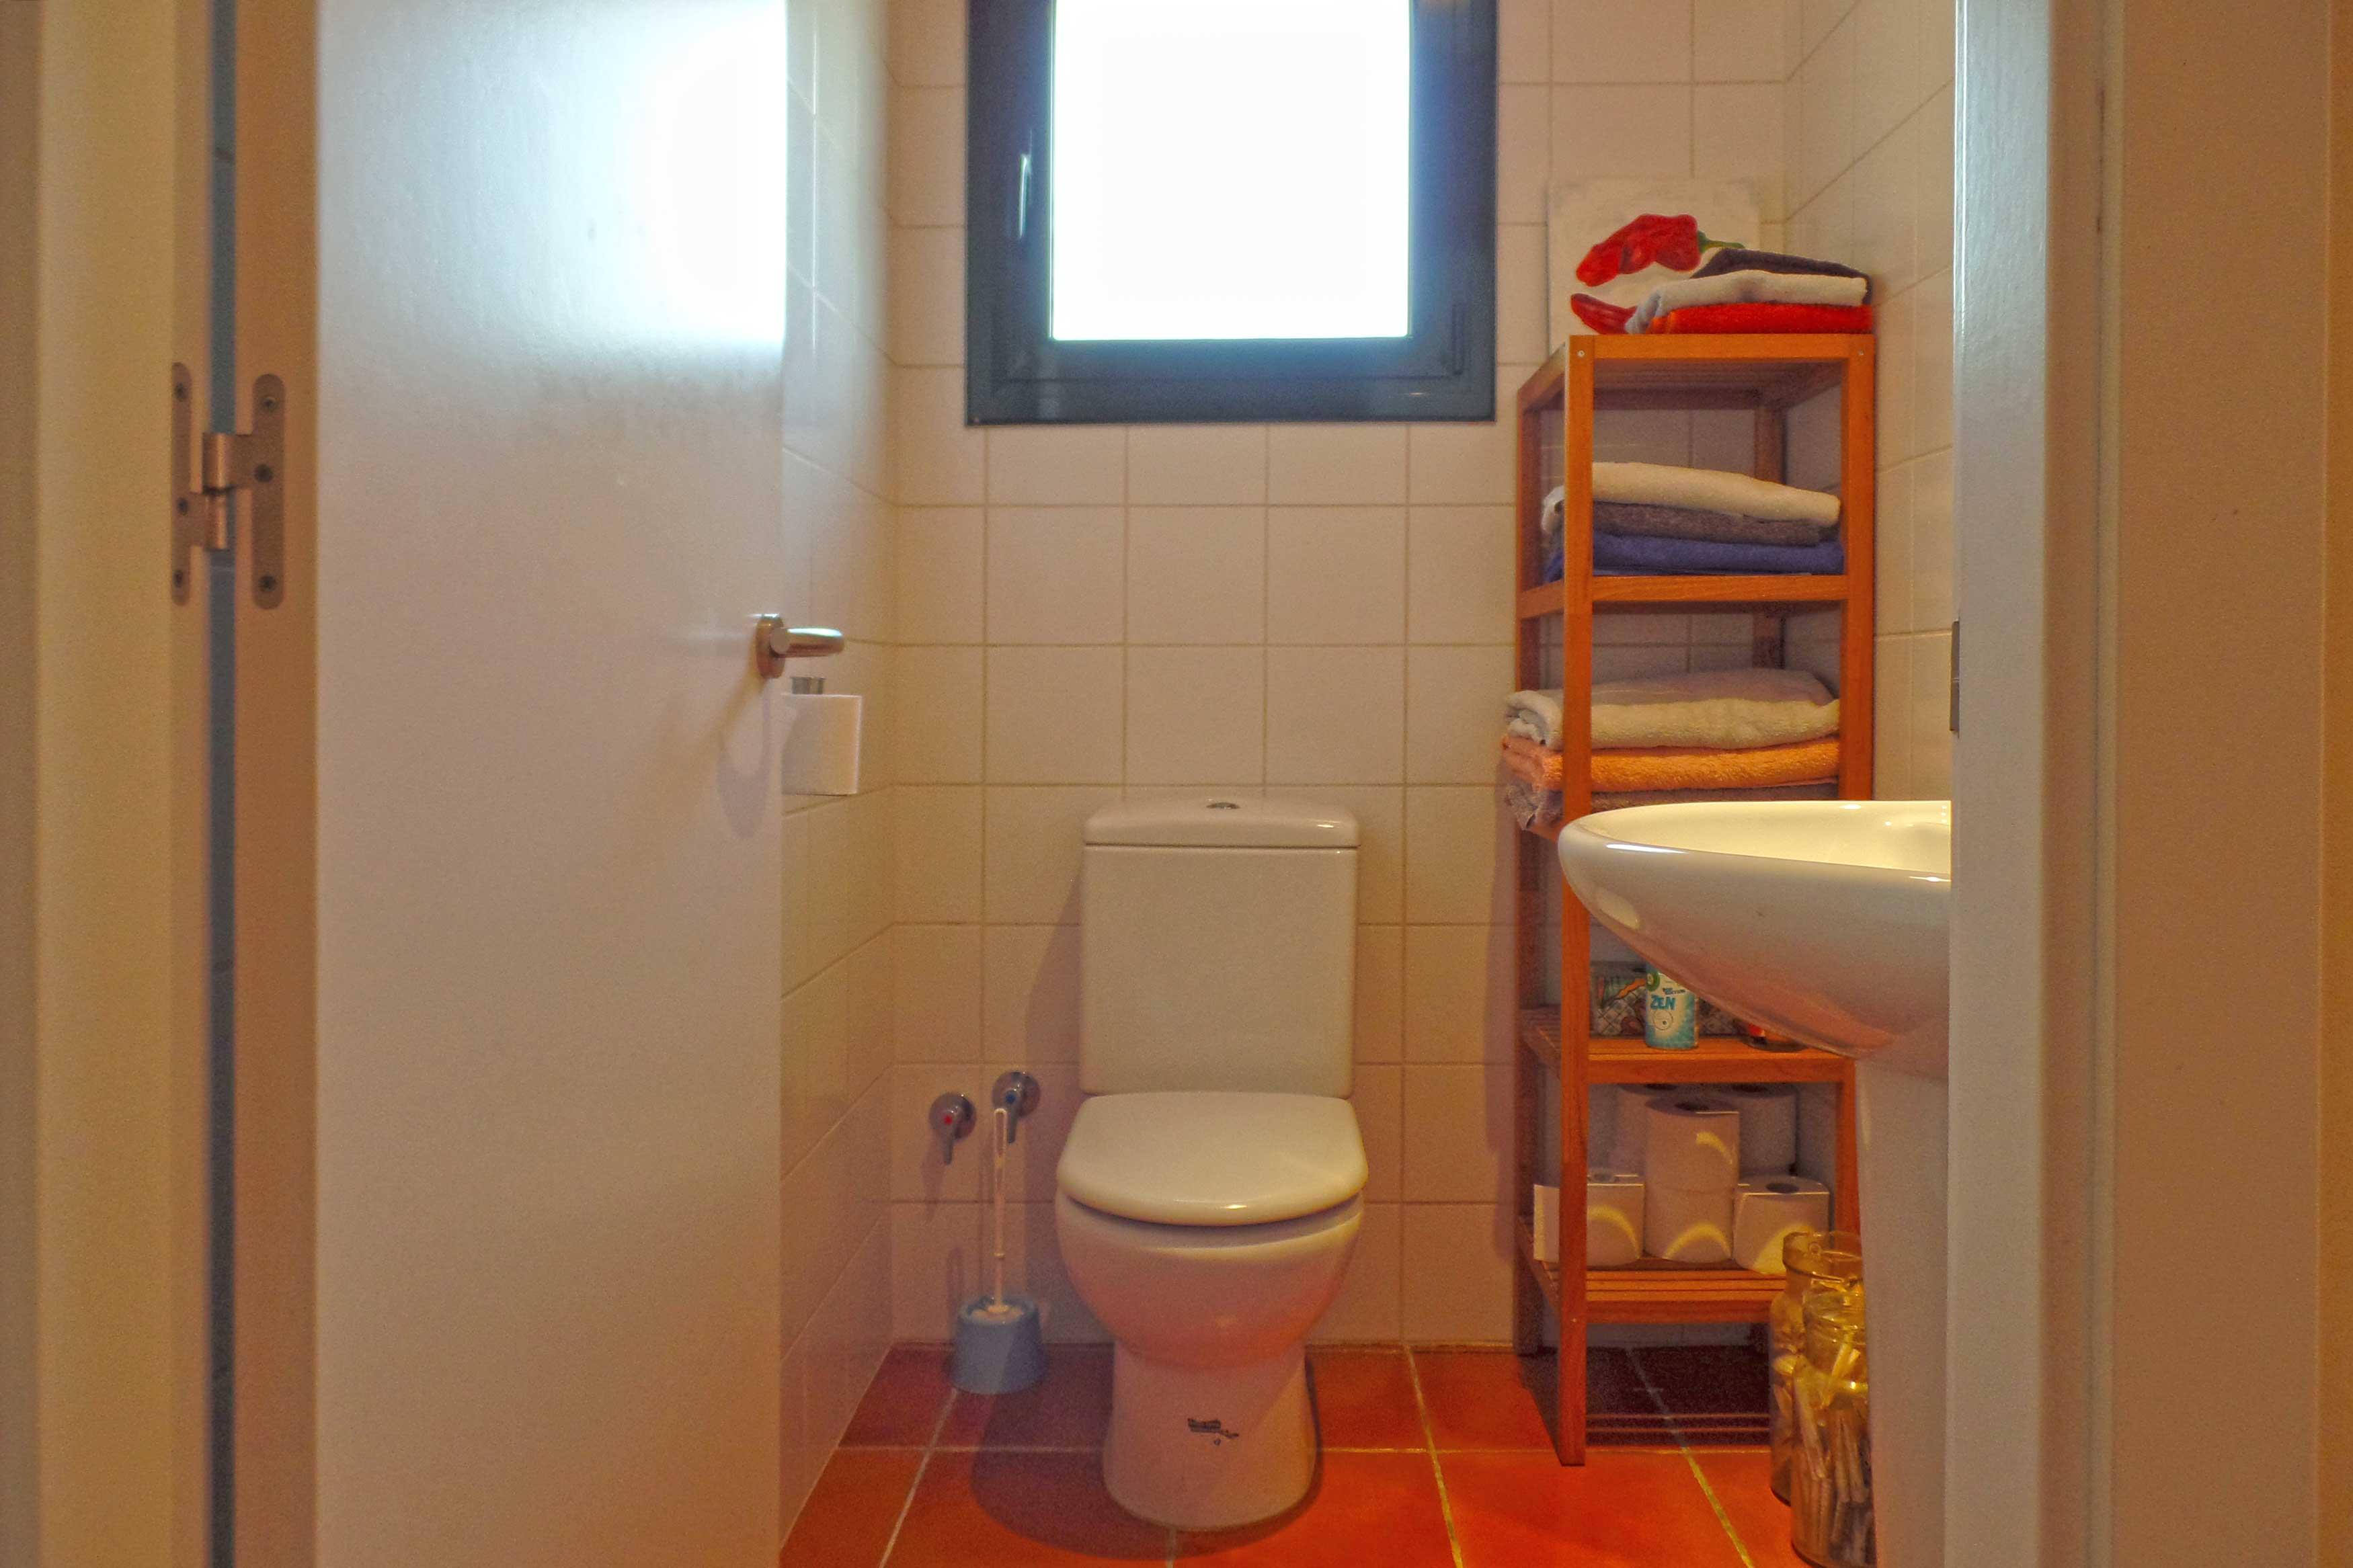 Villa Oosterhoff met toilet